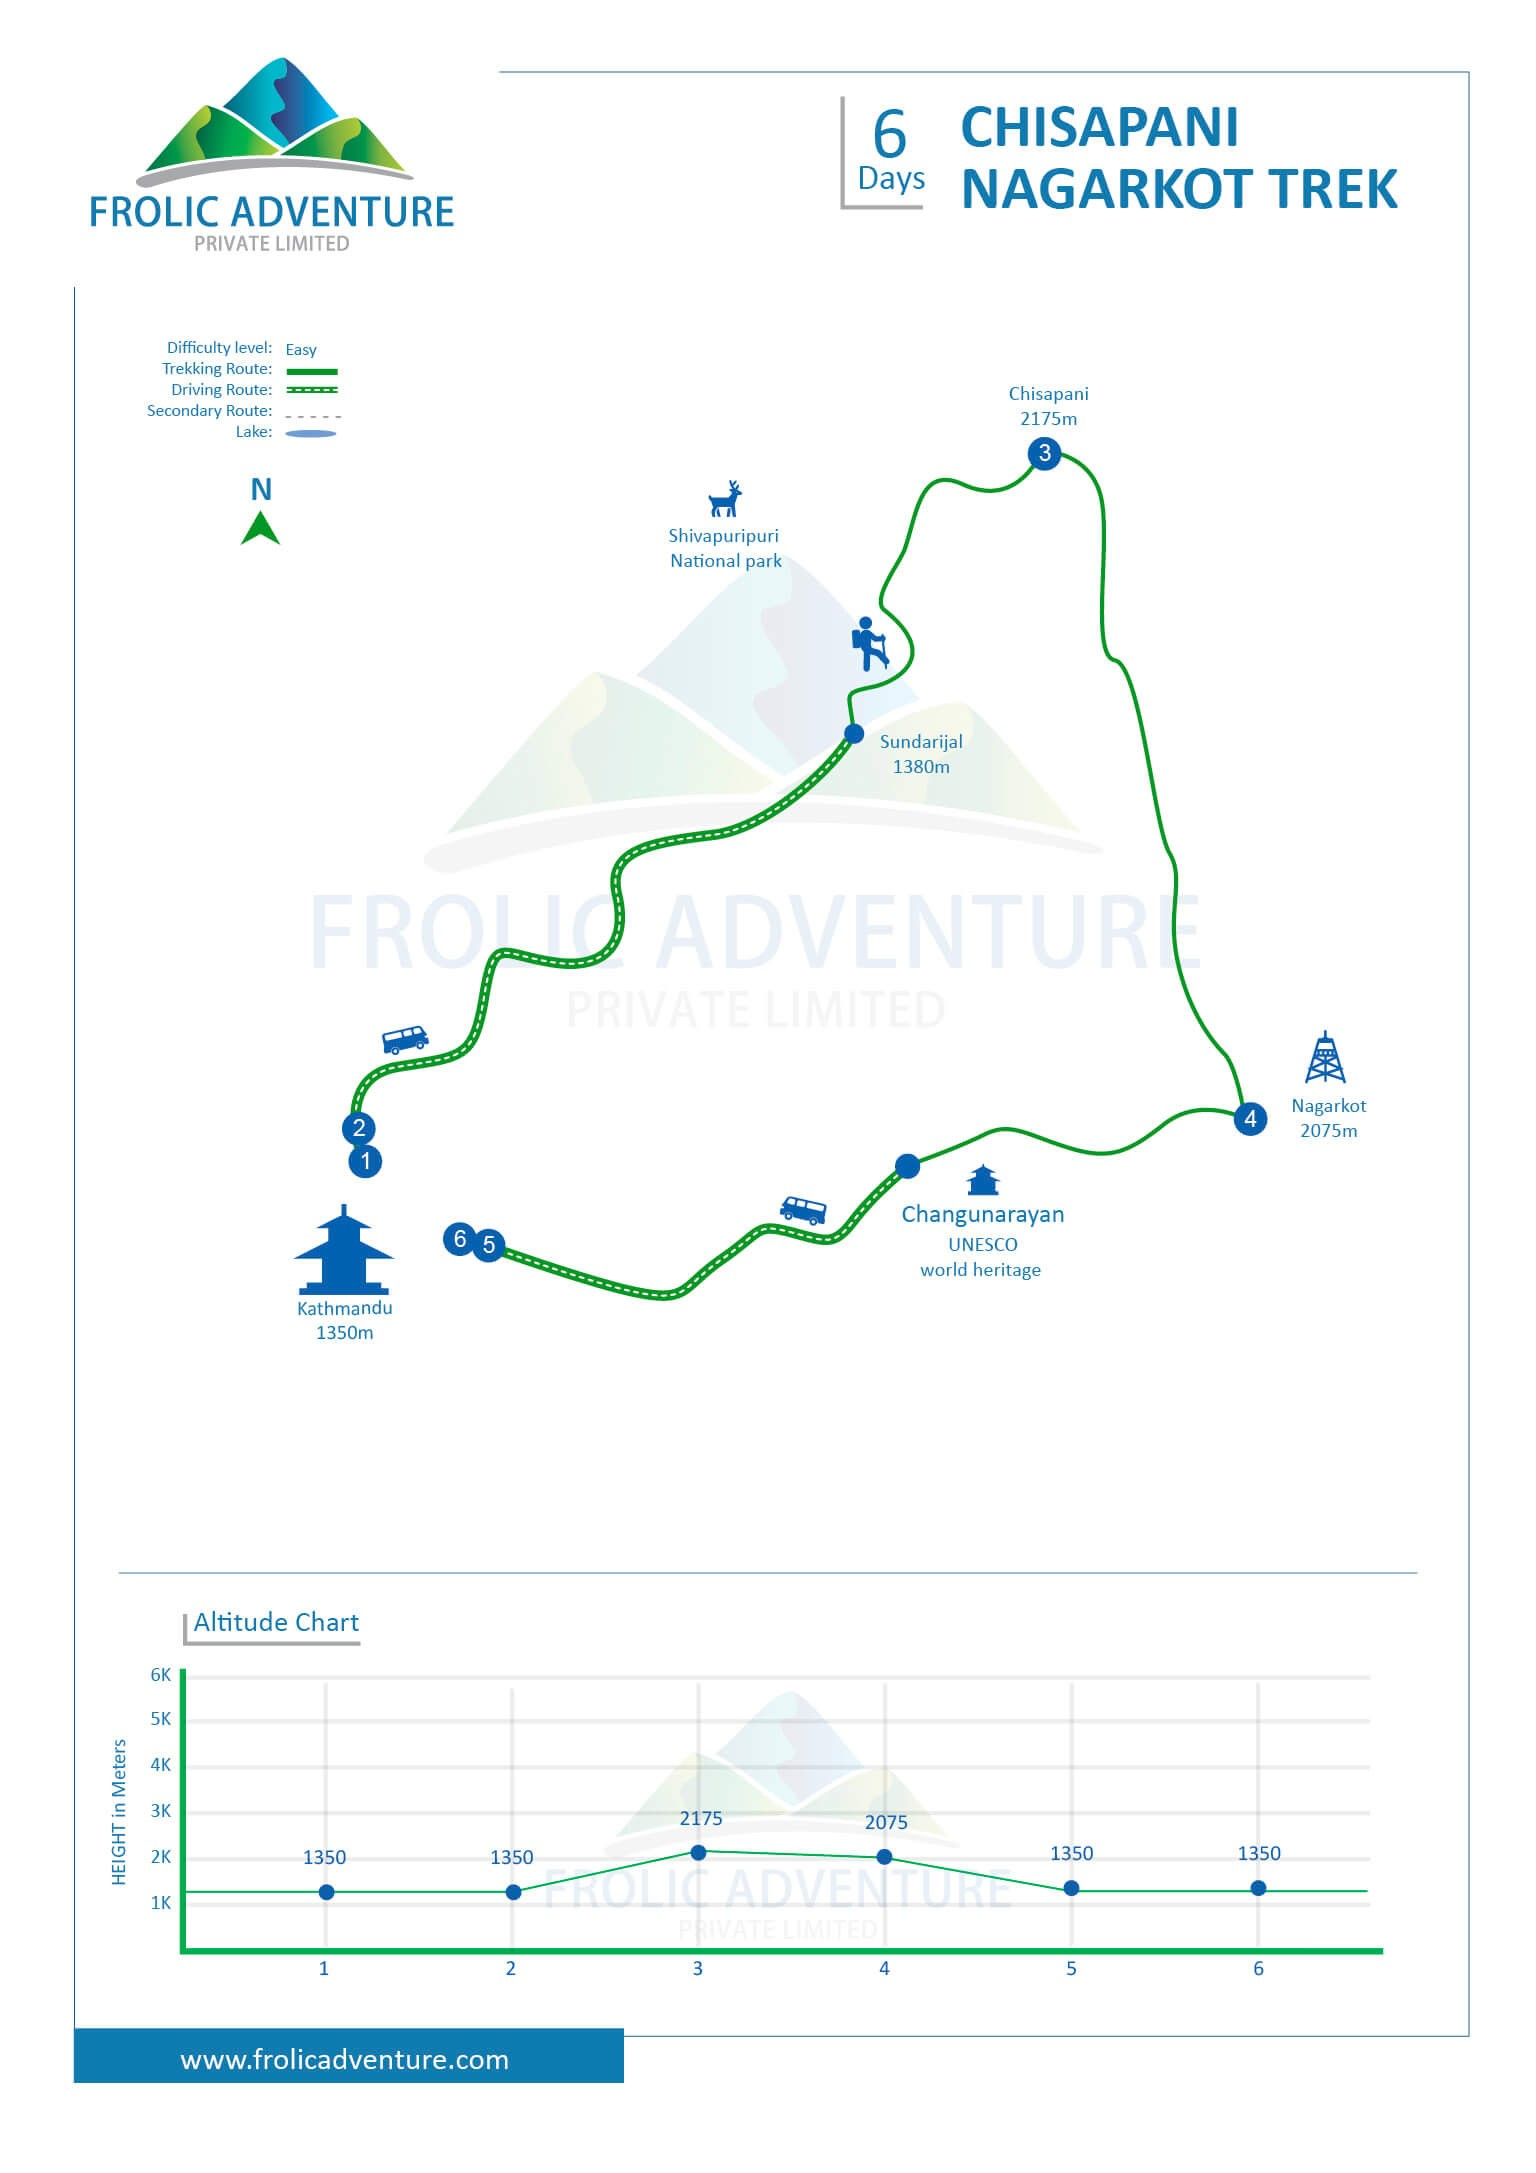 Chisapani Nagarkot Trek map